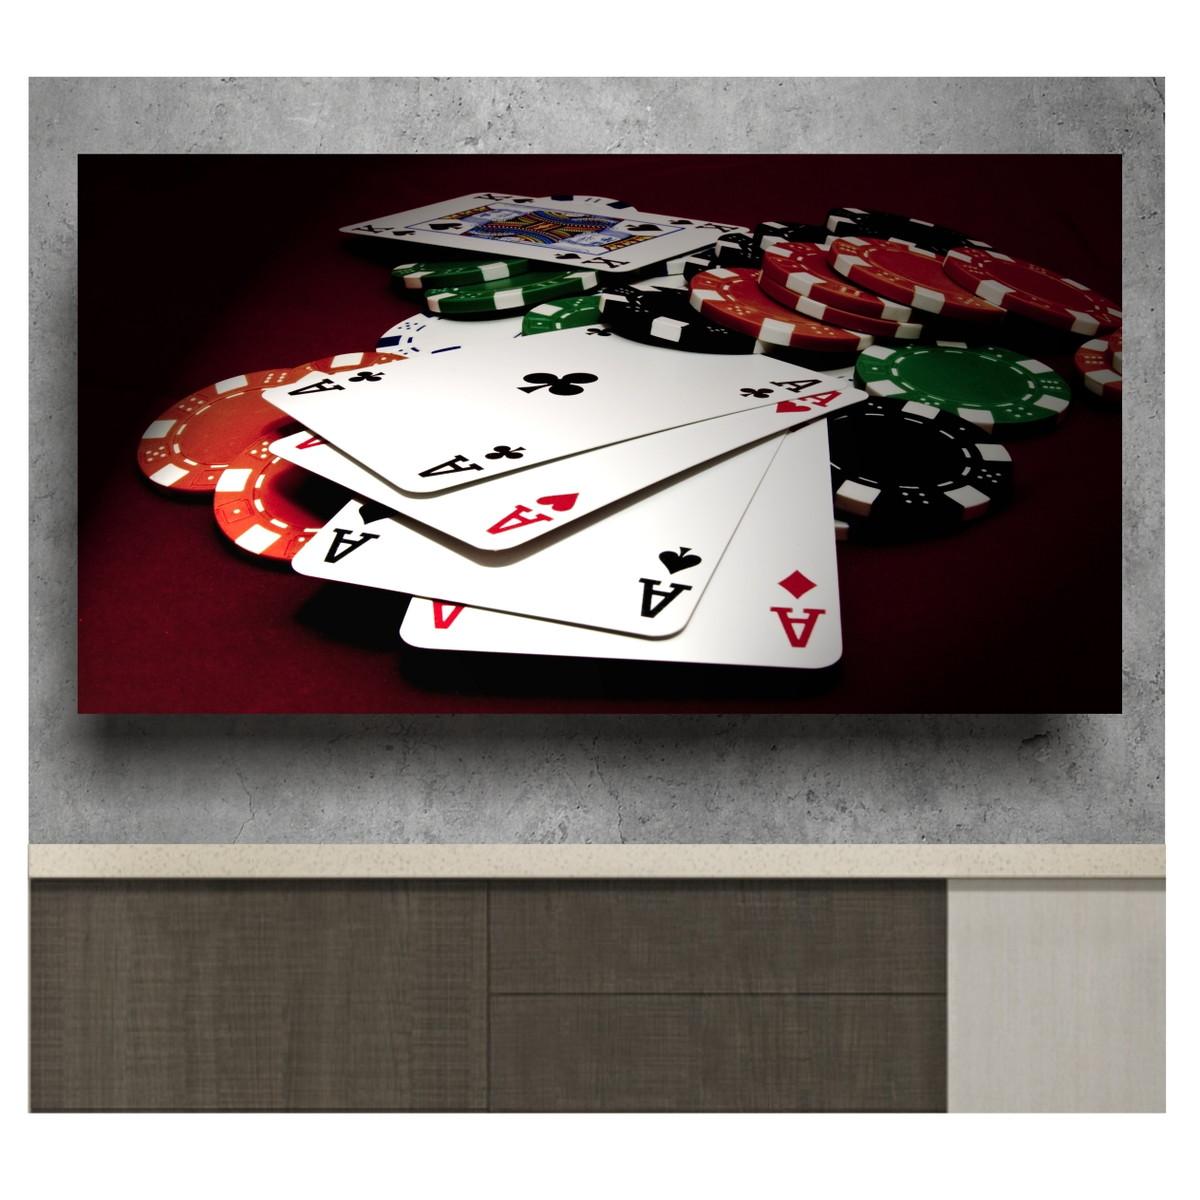 Preferência Adesivo De Parede Jogos Sala Poker 2mts Cartas Baralho S40 no Elo7  MS83